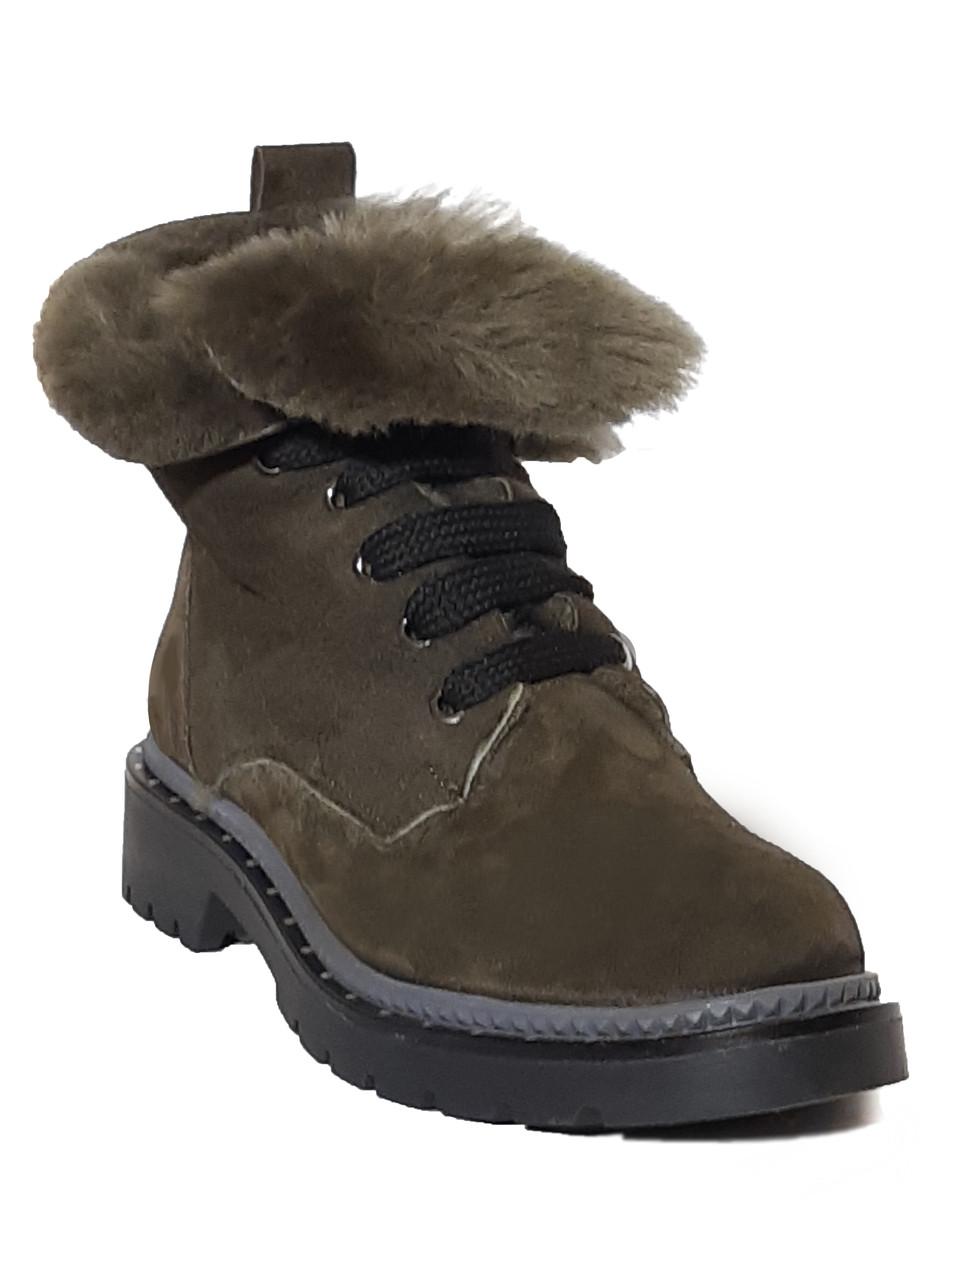 efc7b4271149 Зимние женские кожаные ботинки